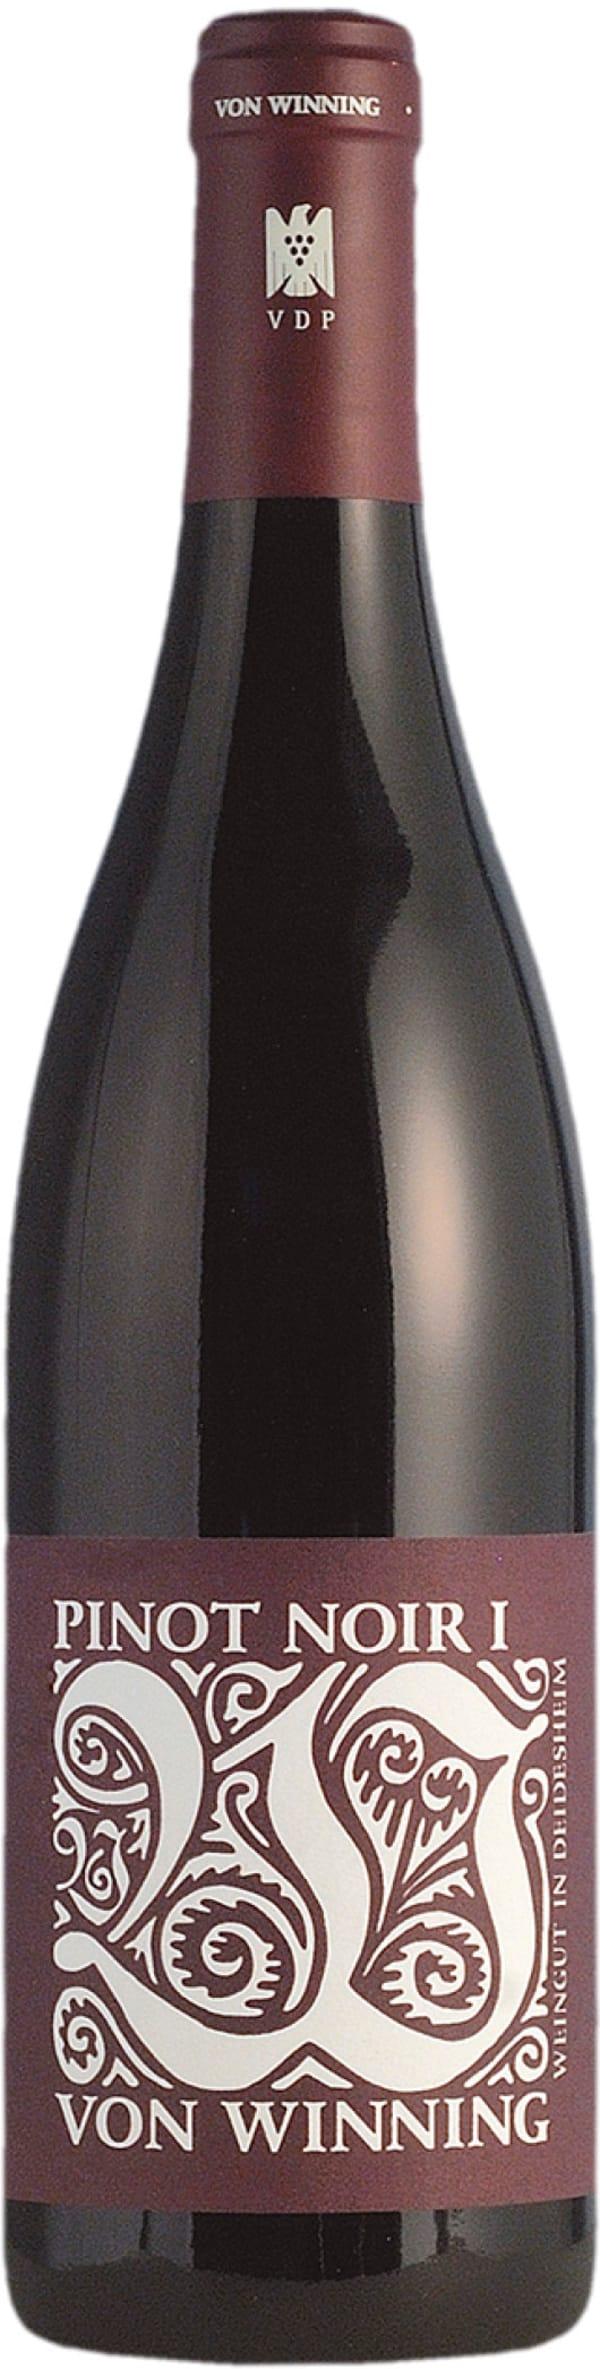 von Winning Pinot Noir I Trocken 2012